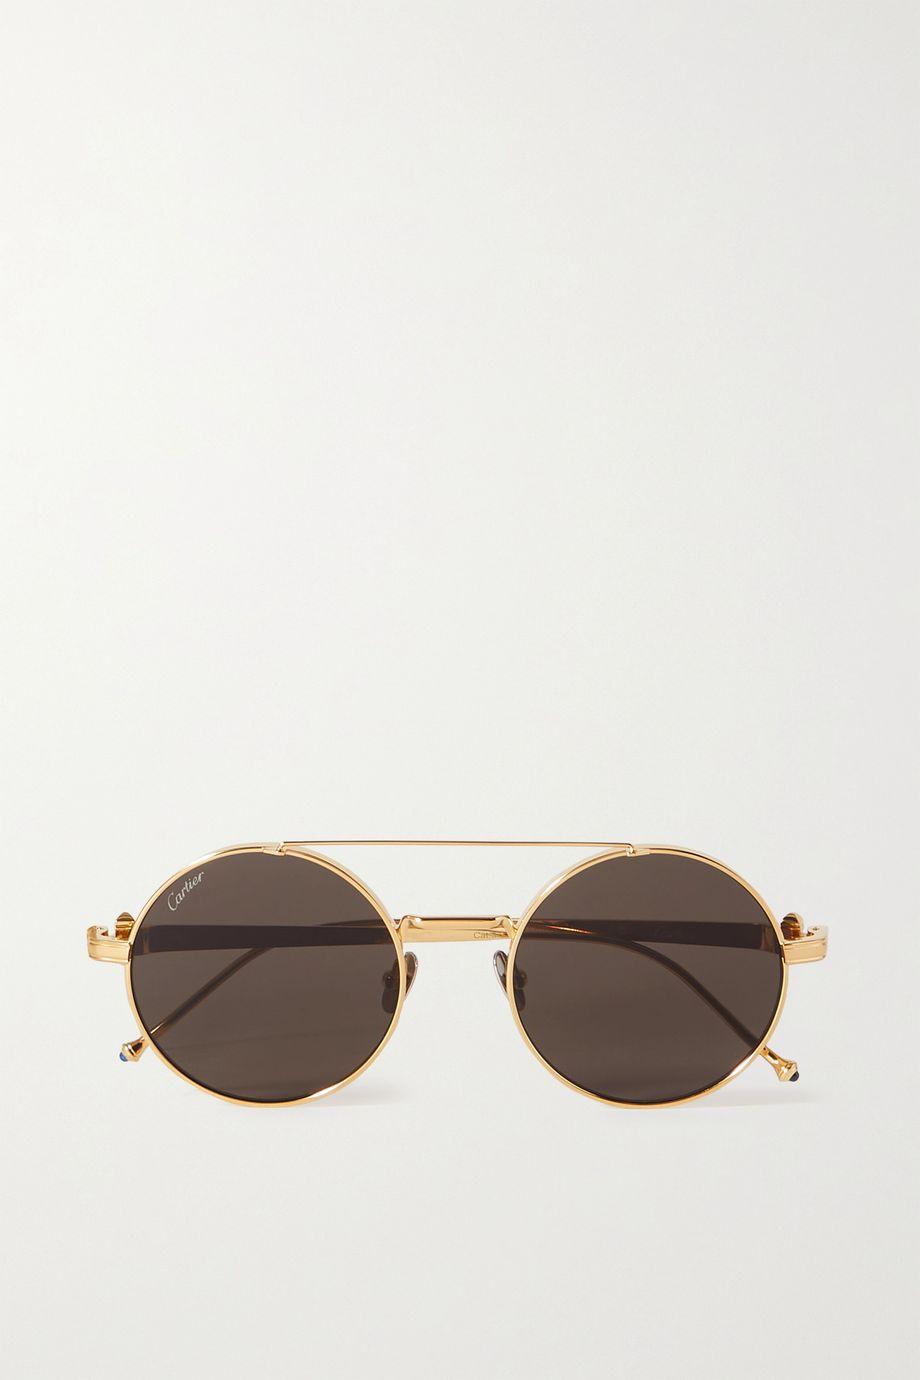 Cartier Eyewear Lunettes de soleil rondes dorées Pasha de Cartier